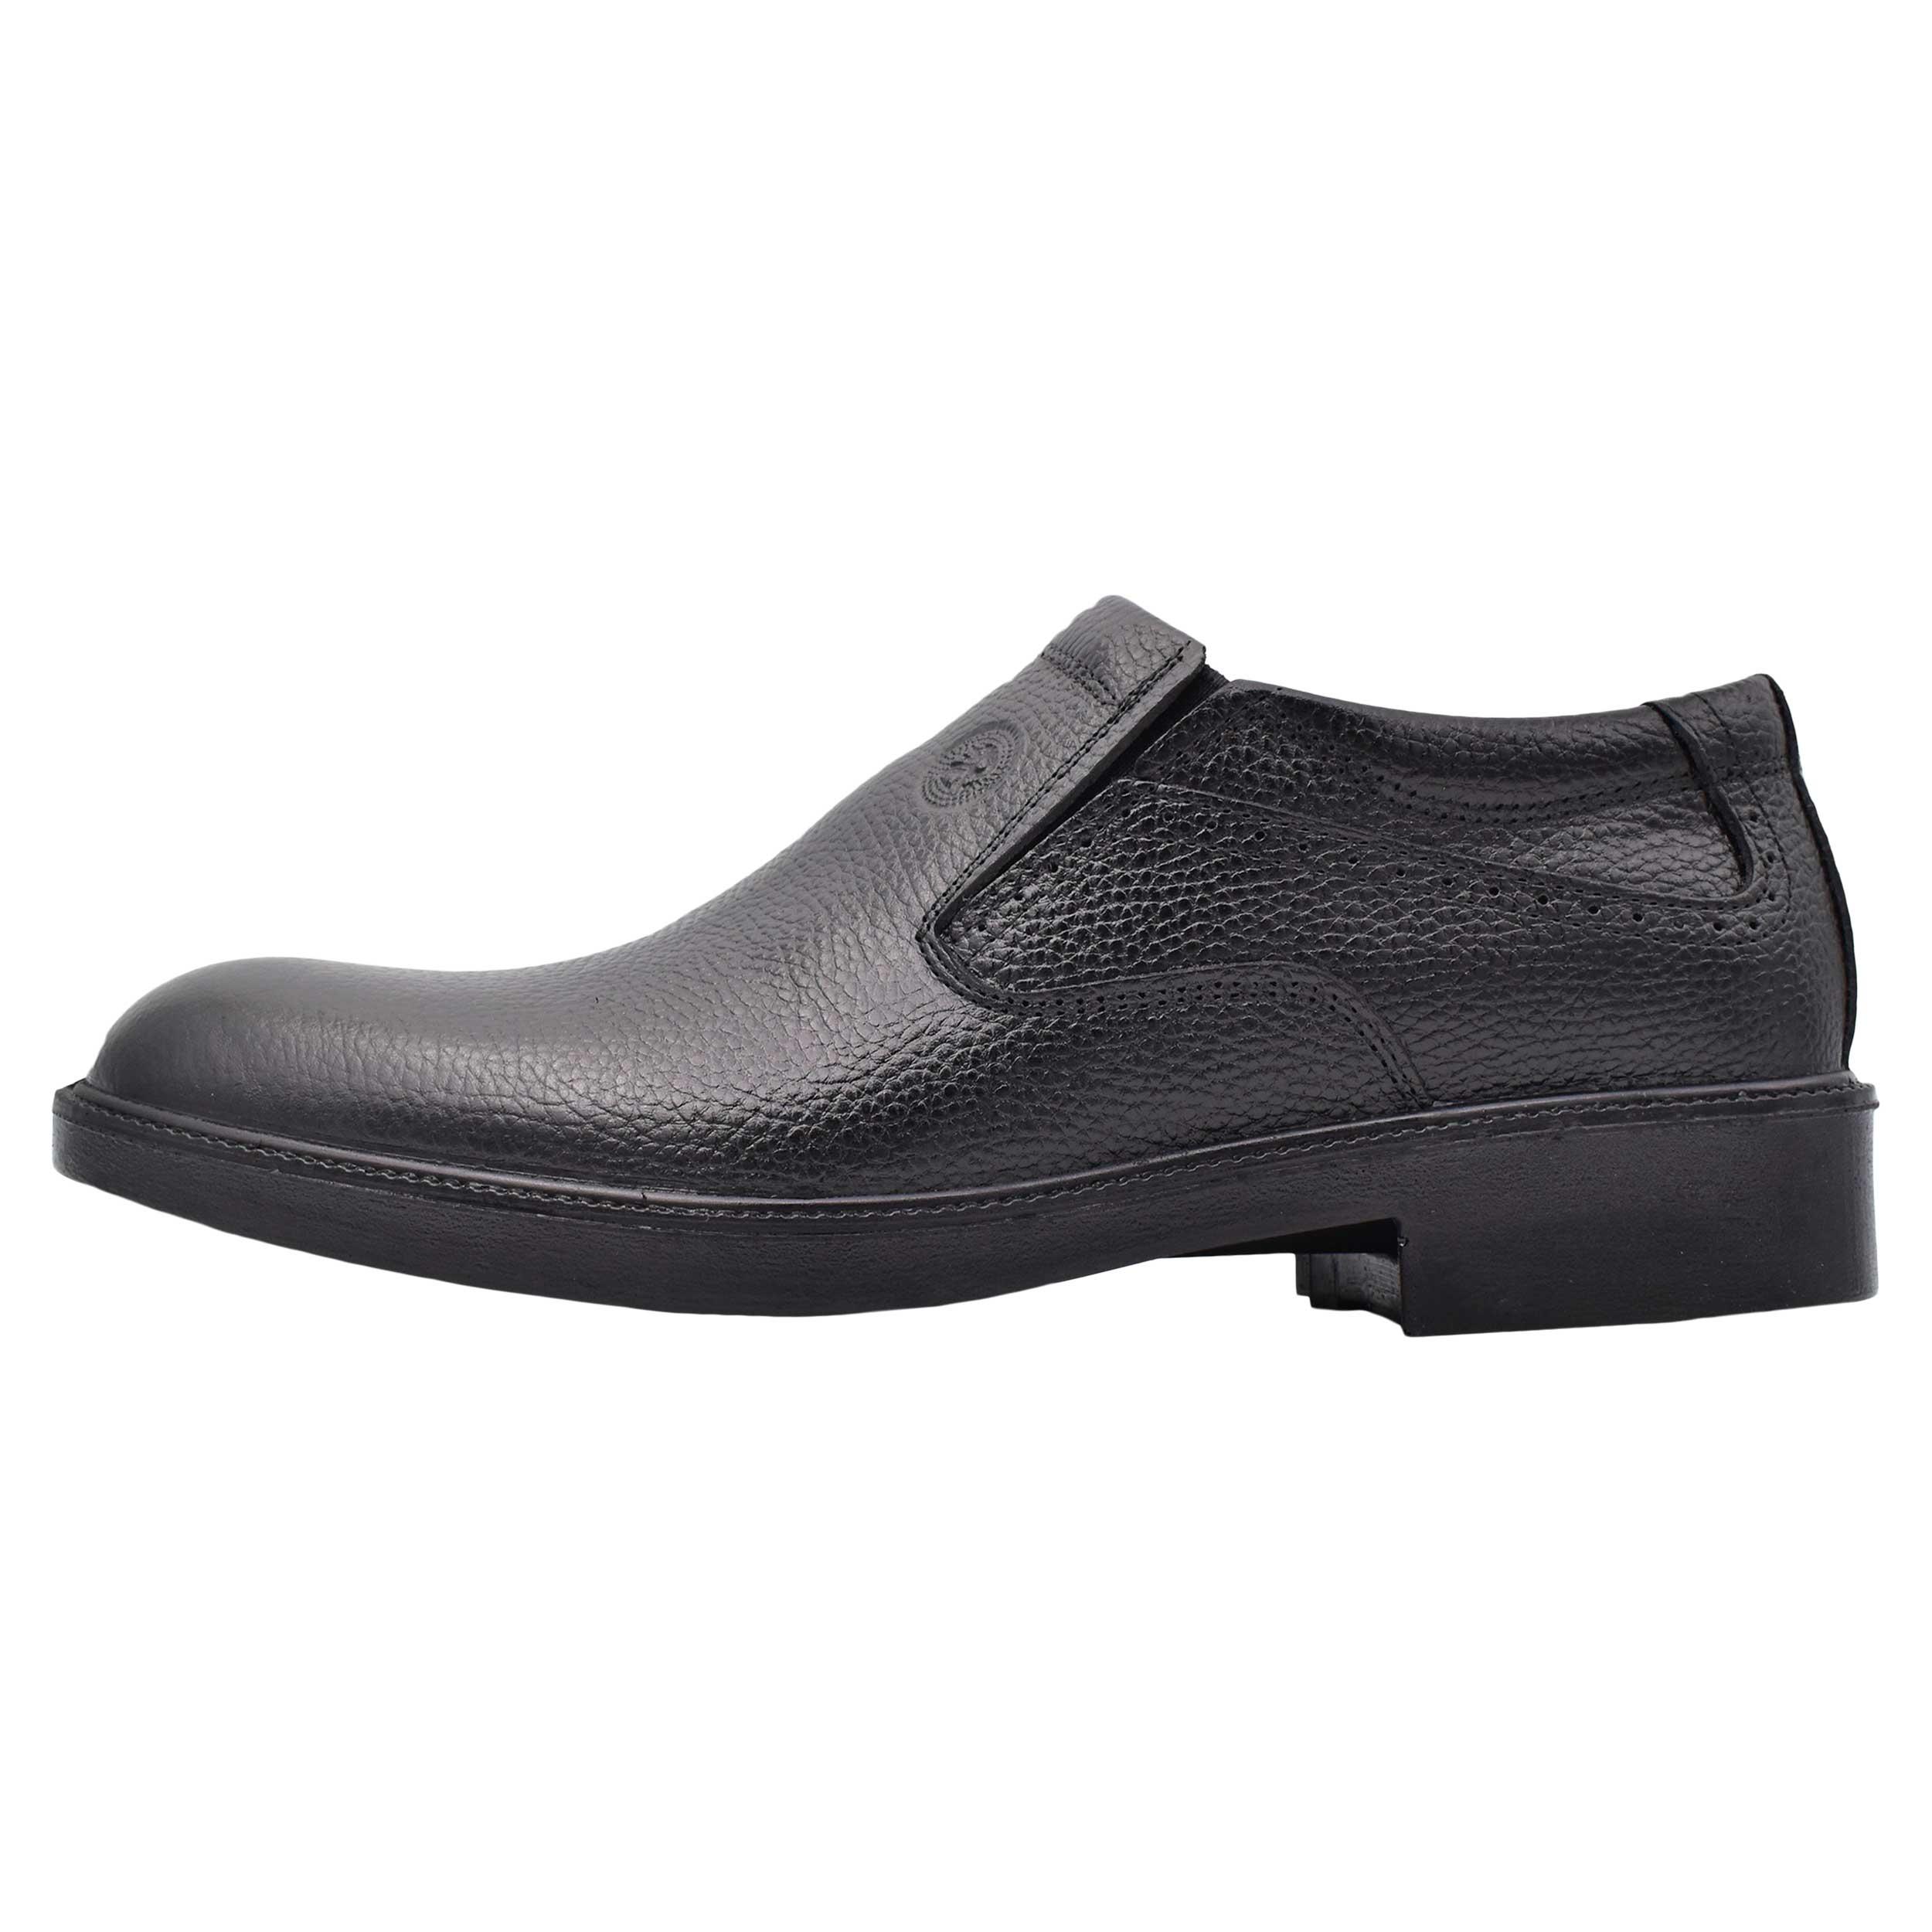 کفش مردانه مدل درخشان کد 7614